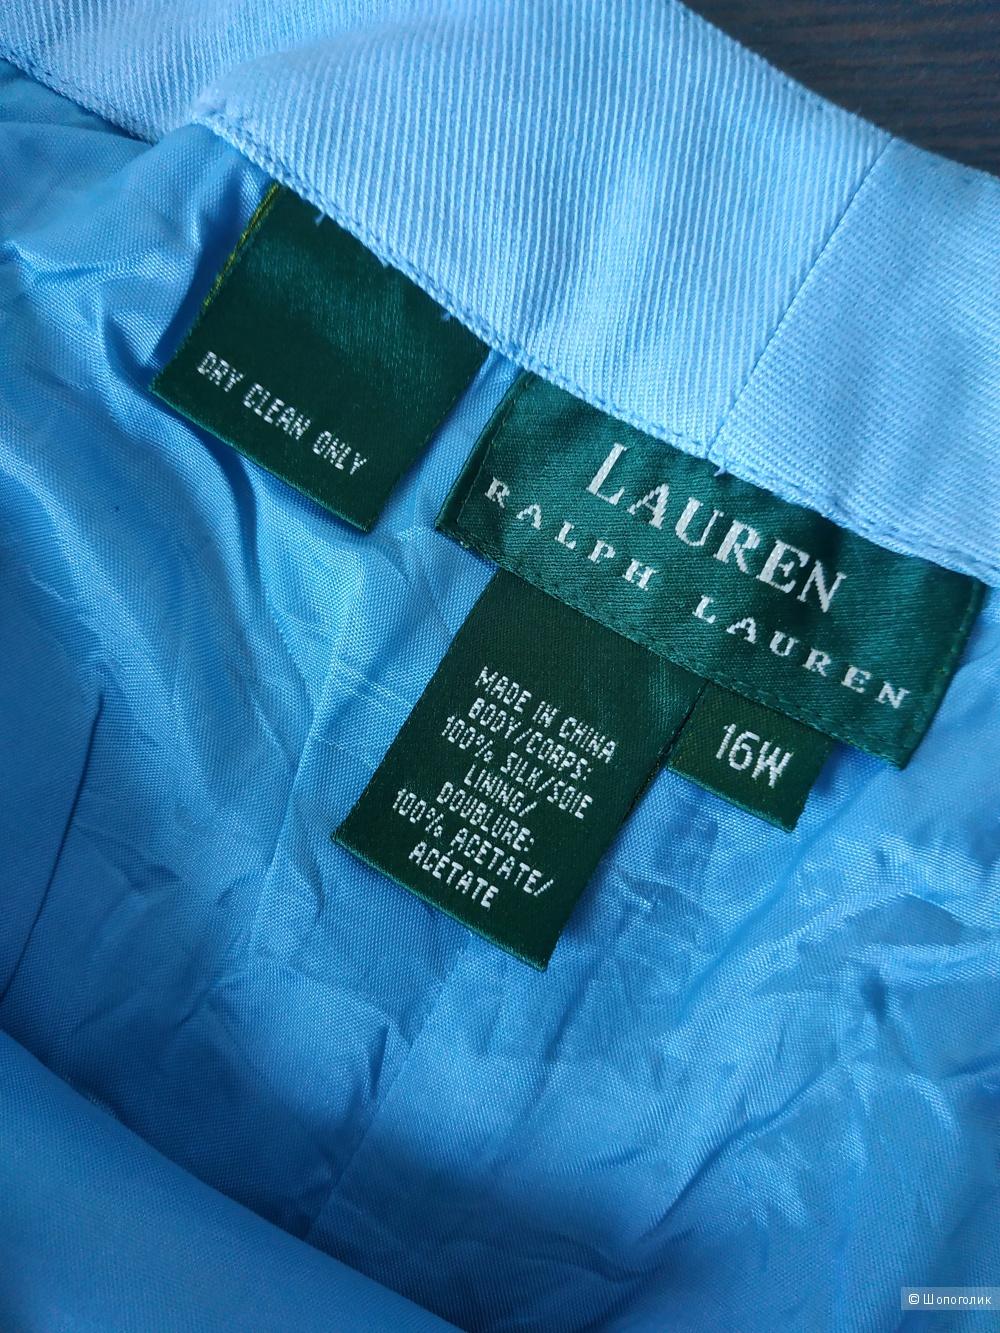 Брюки Ralph Lauren, размер XL